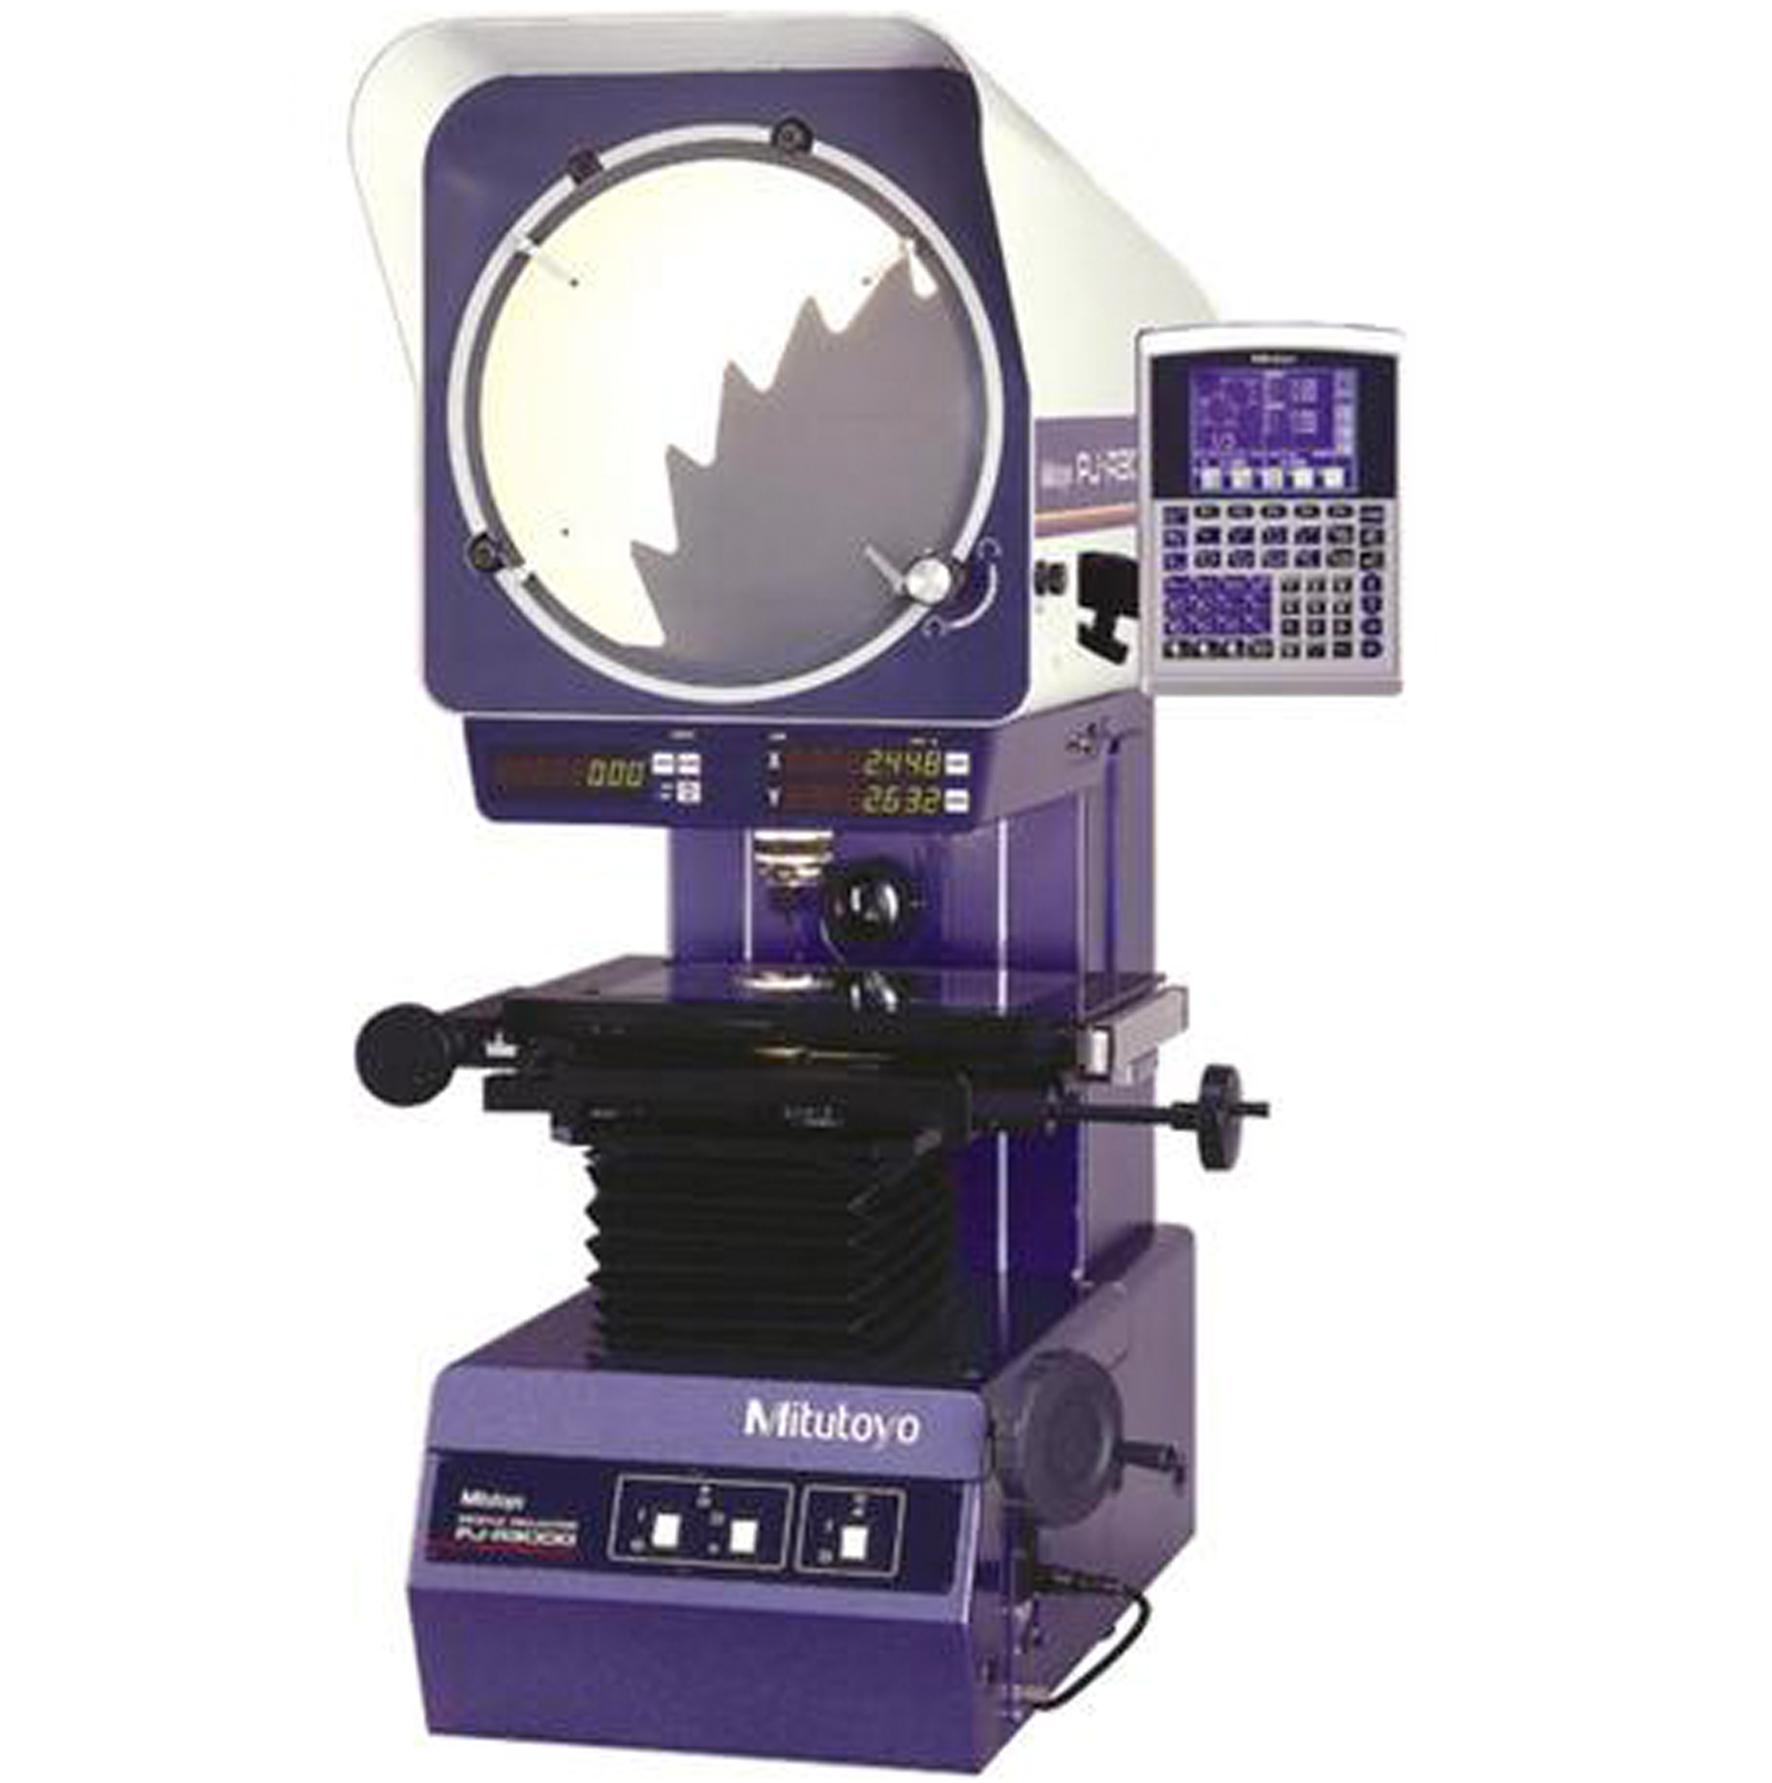 Comparadores Opticos Serie 303 (PJ-H30A1010B, PJ-H30A2010B, PJ-H30A2017B, PJ-H3